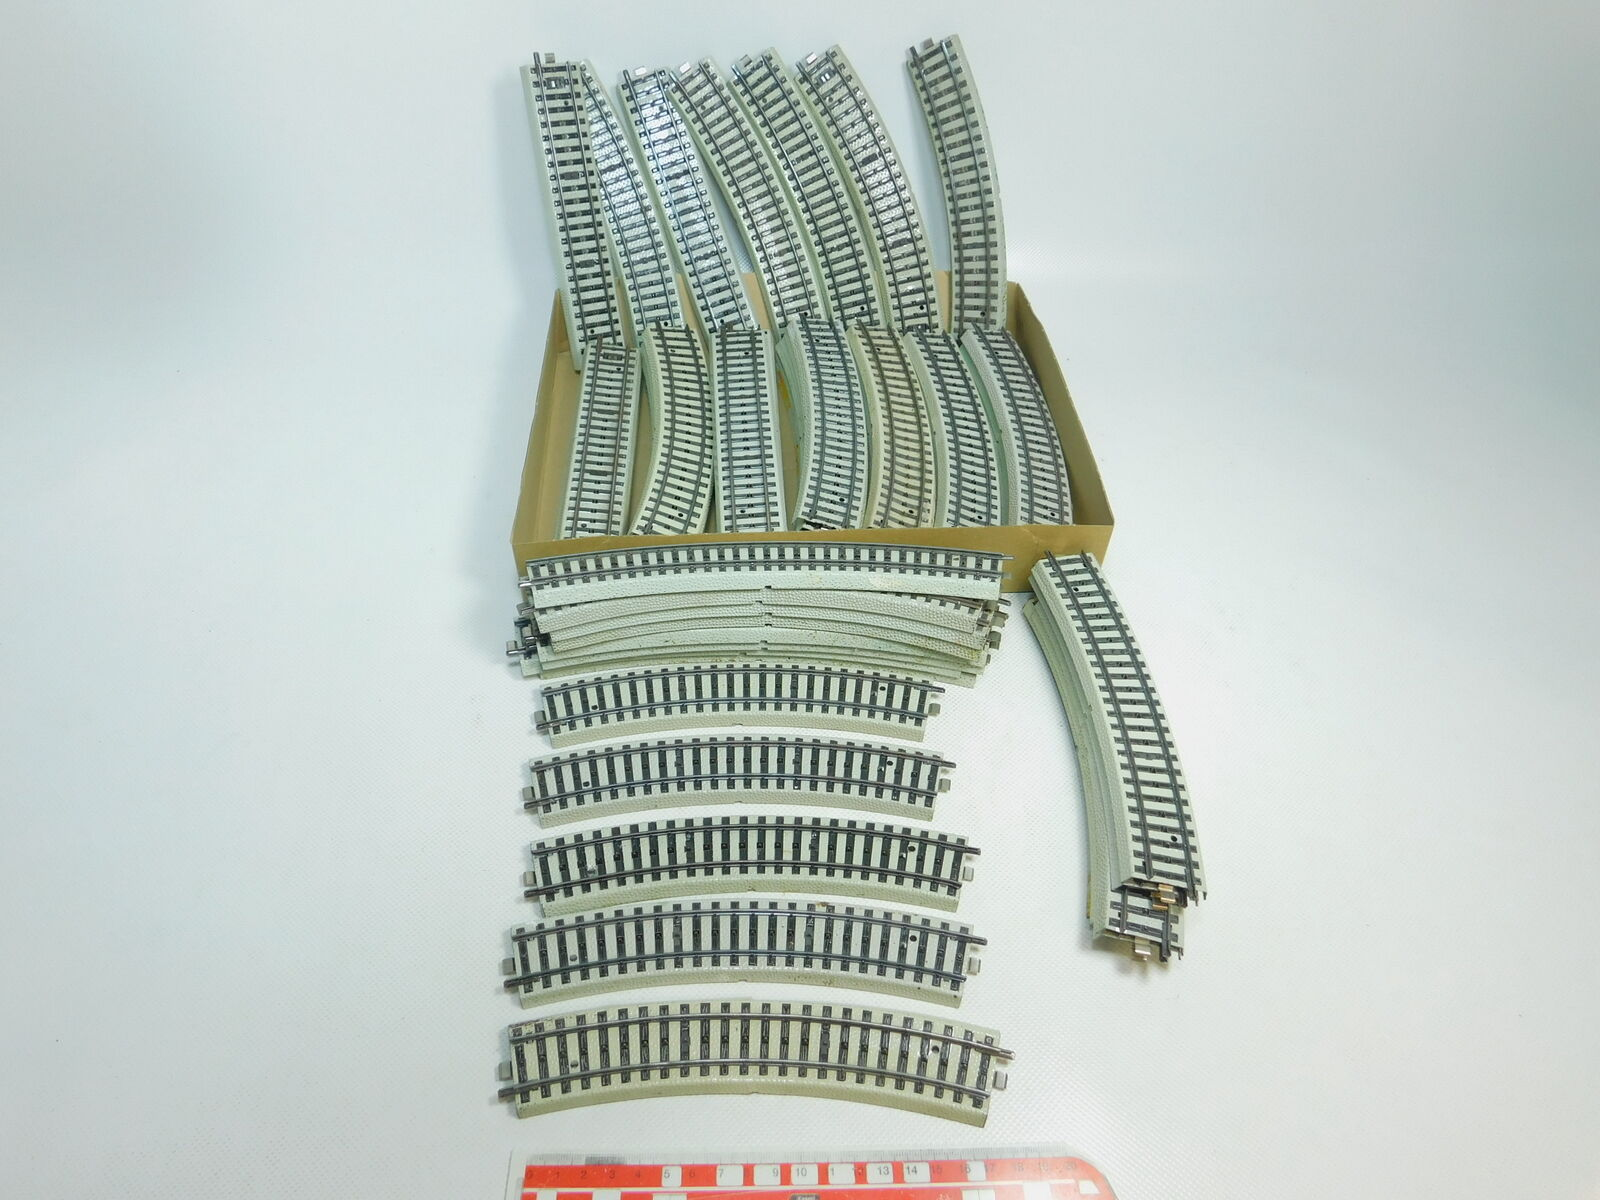 Bl898-3 60x PRIMEX/  H0/AC M PISTA 5070, 5076, 5046, 5077, 5089 2 SCELTA